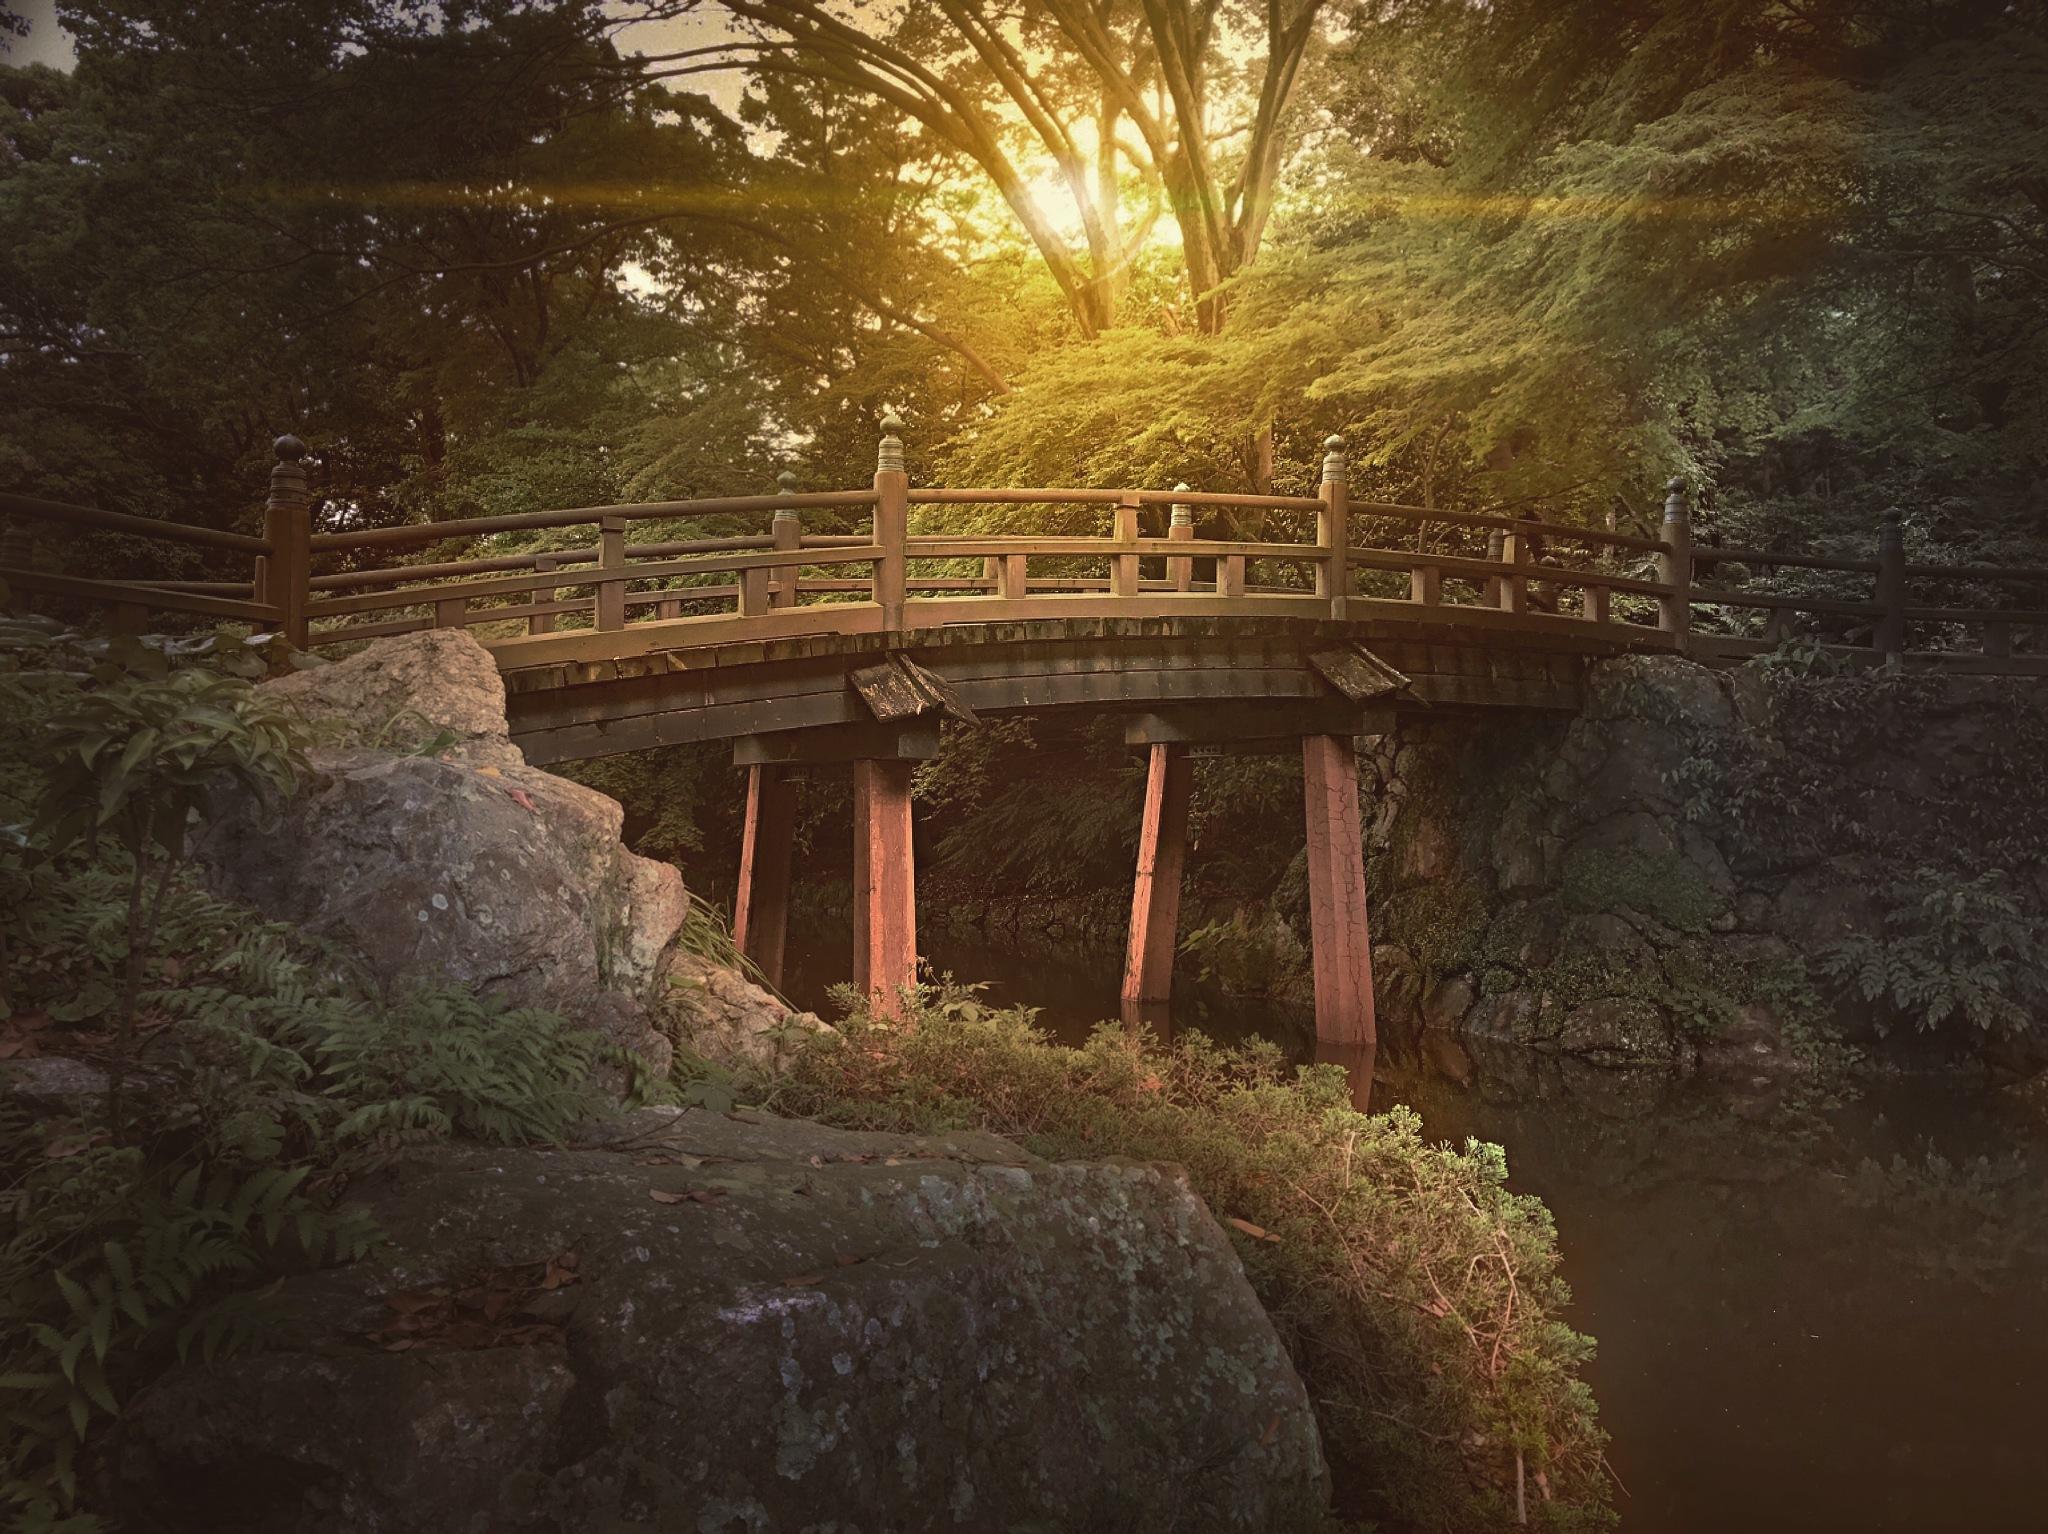 Parque castelo Hamamatsu  by Jhonatan de Oliveira Silva